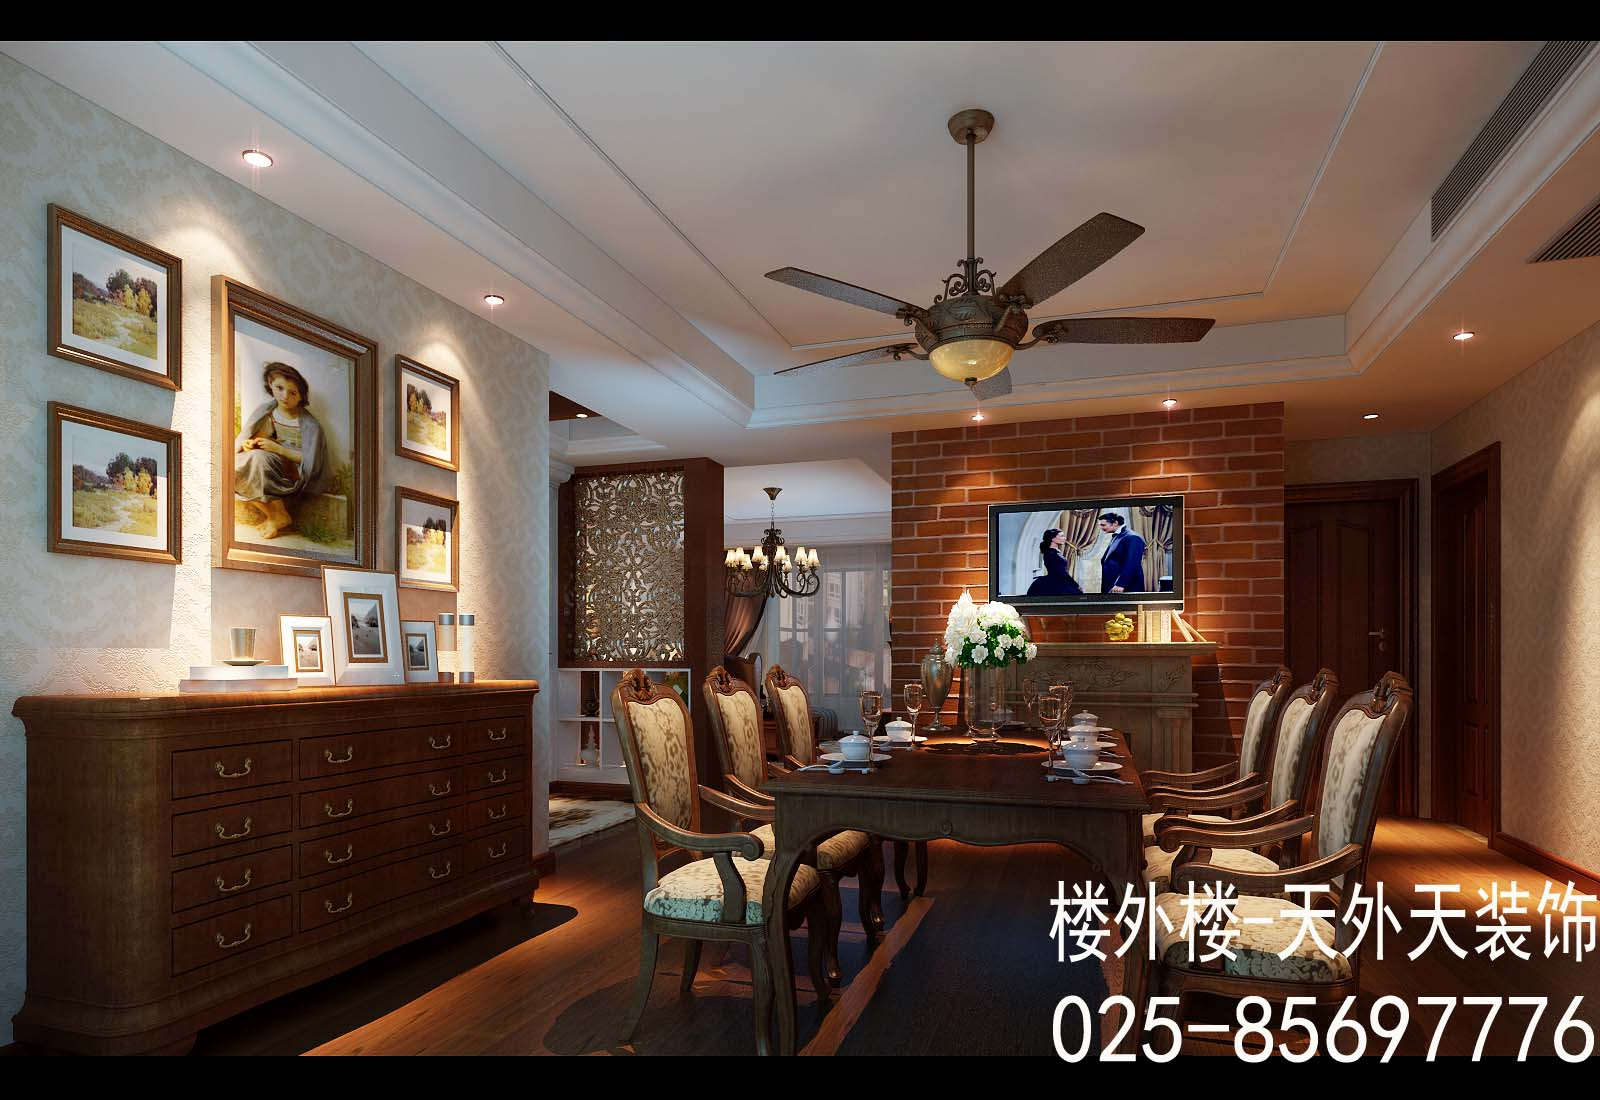 南京新房中式装修效果图图片